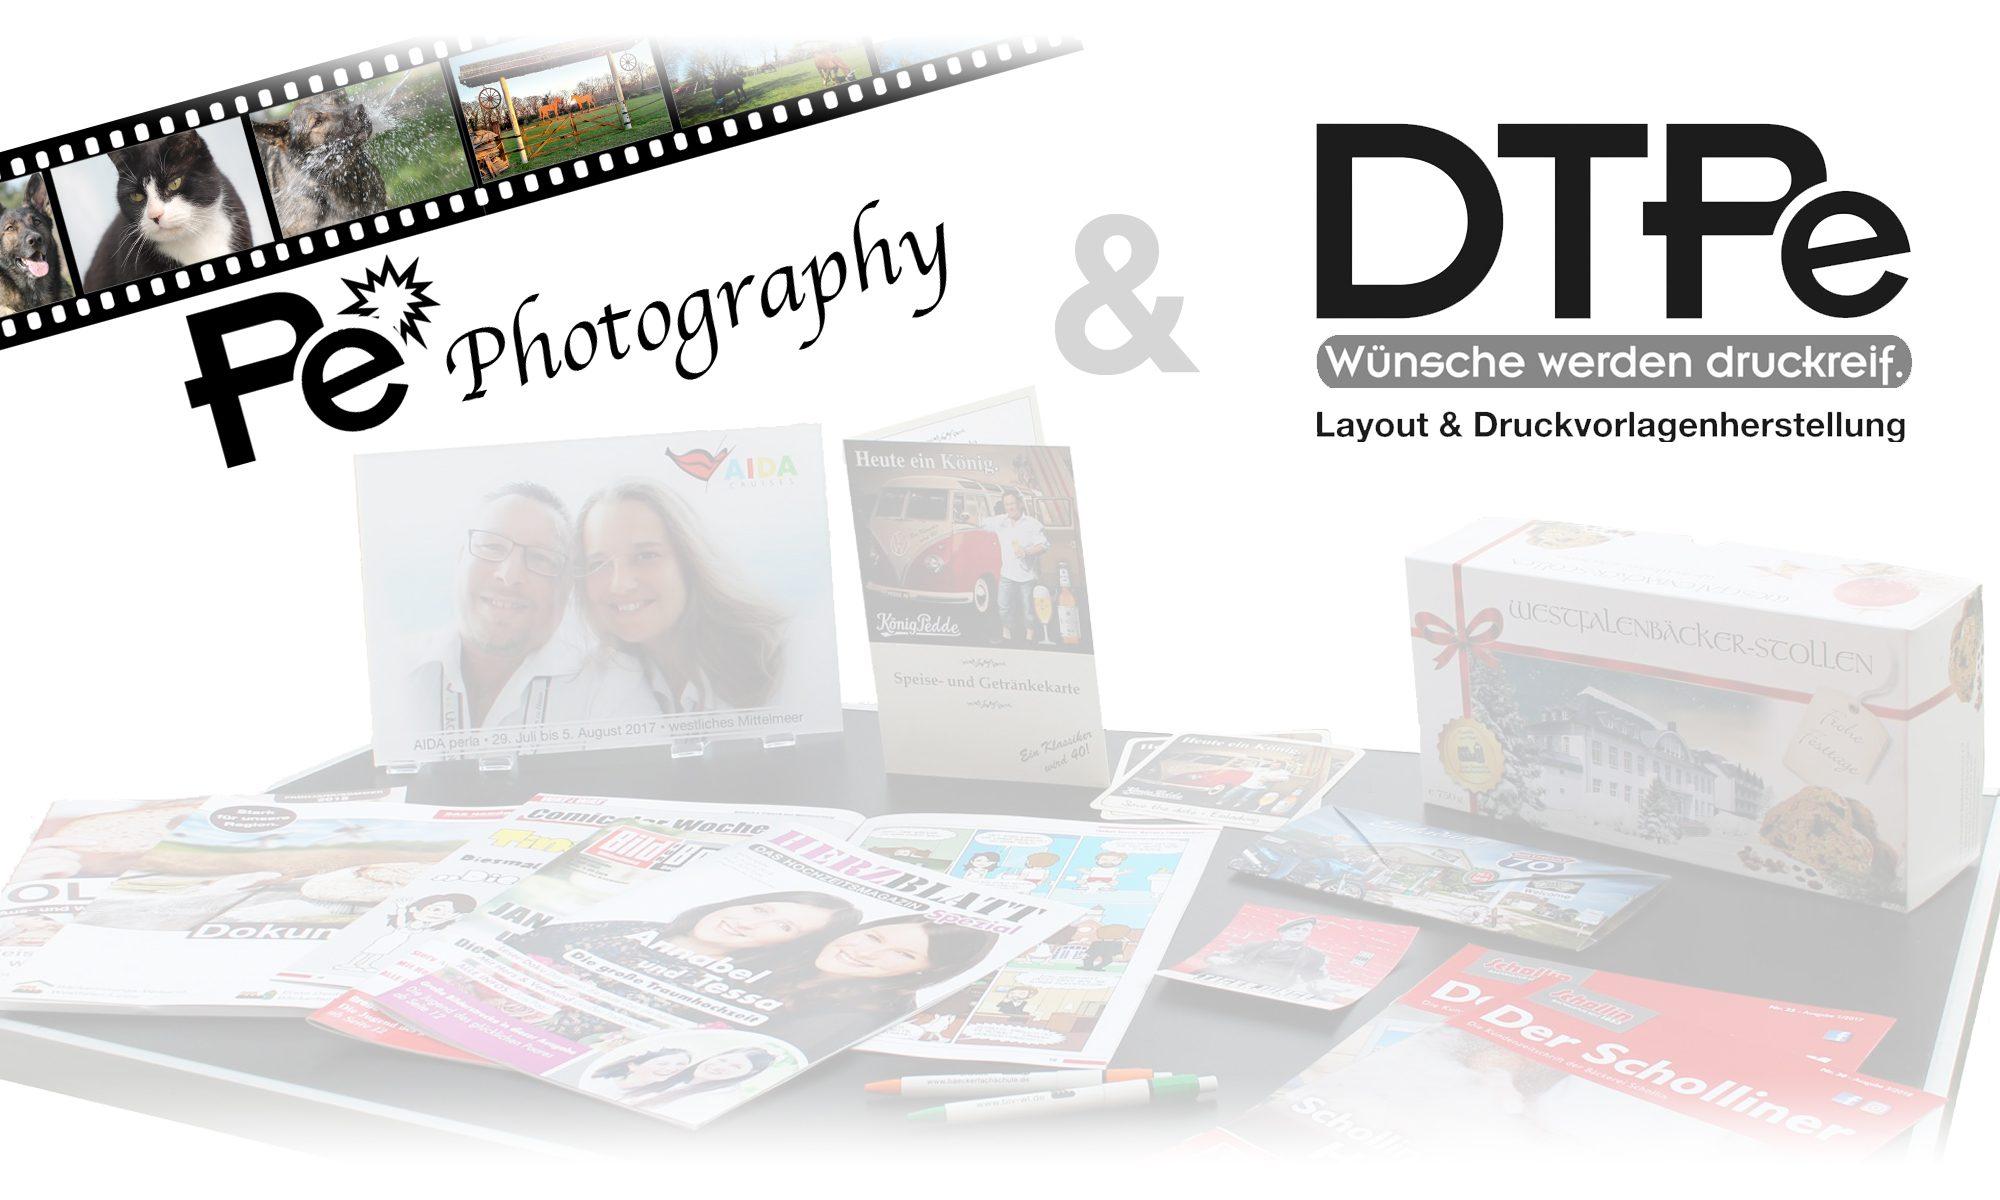 Broschüren • Bücher • Werbemittel Banner • Motivgeschenke • Karten